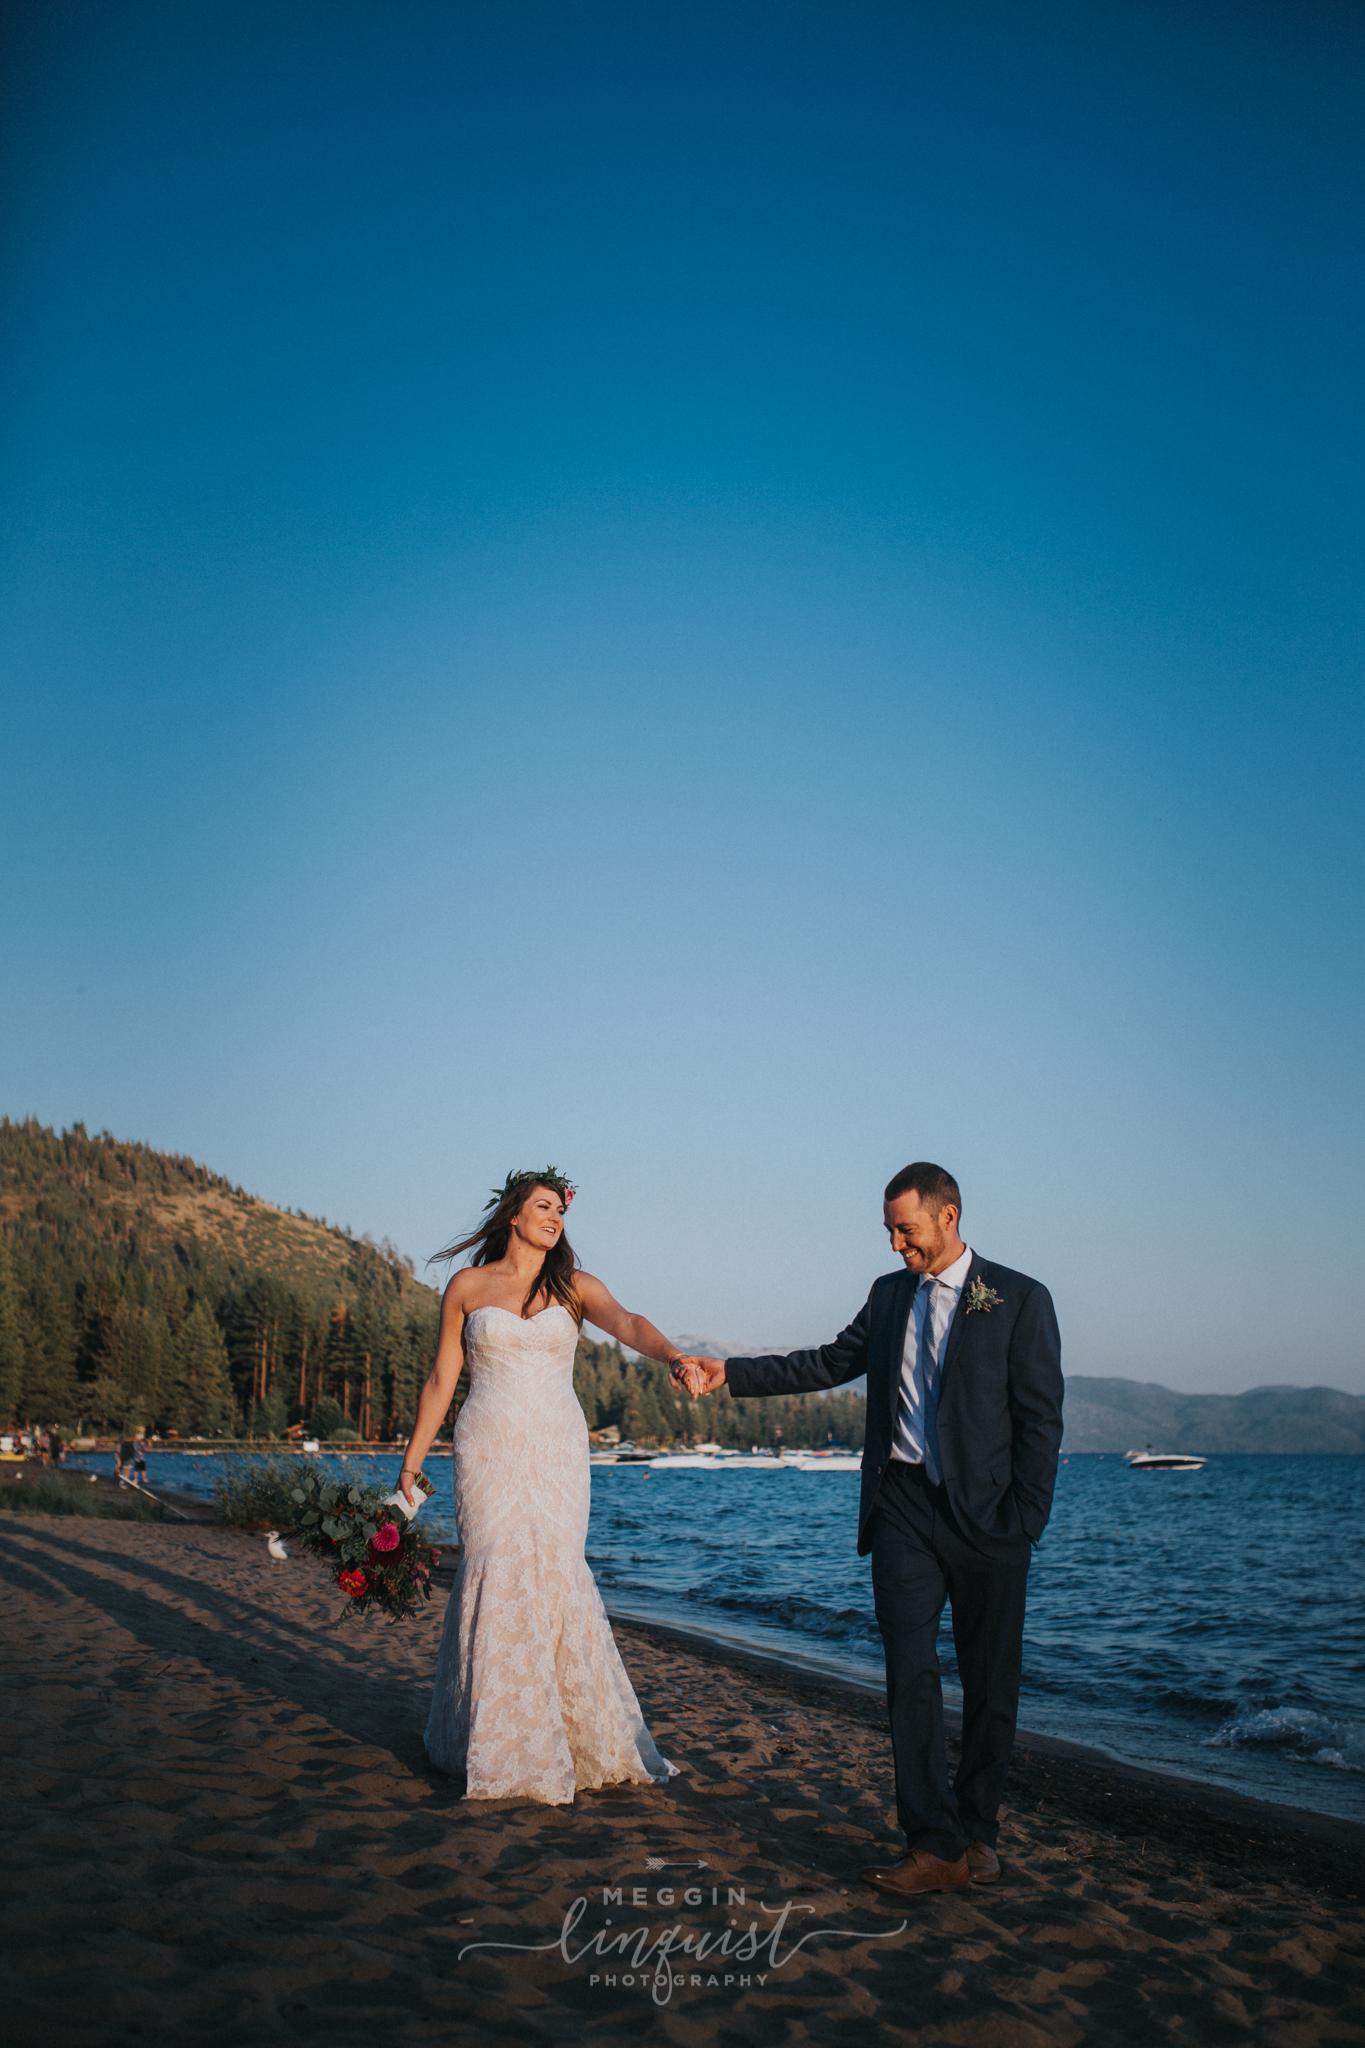 bohemian-style-lake-wedding-reno-lake-tahoe-wedding-photographer-56.jpg